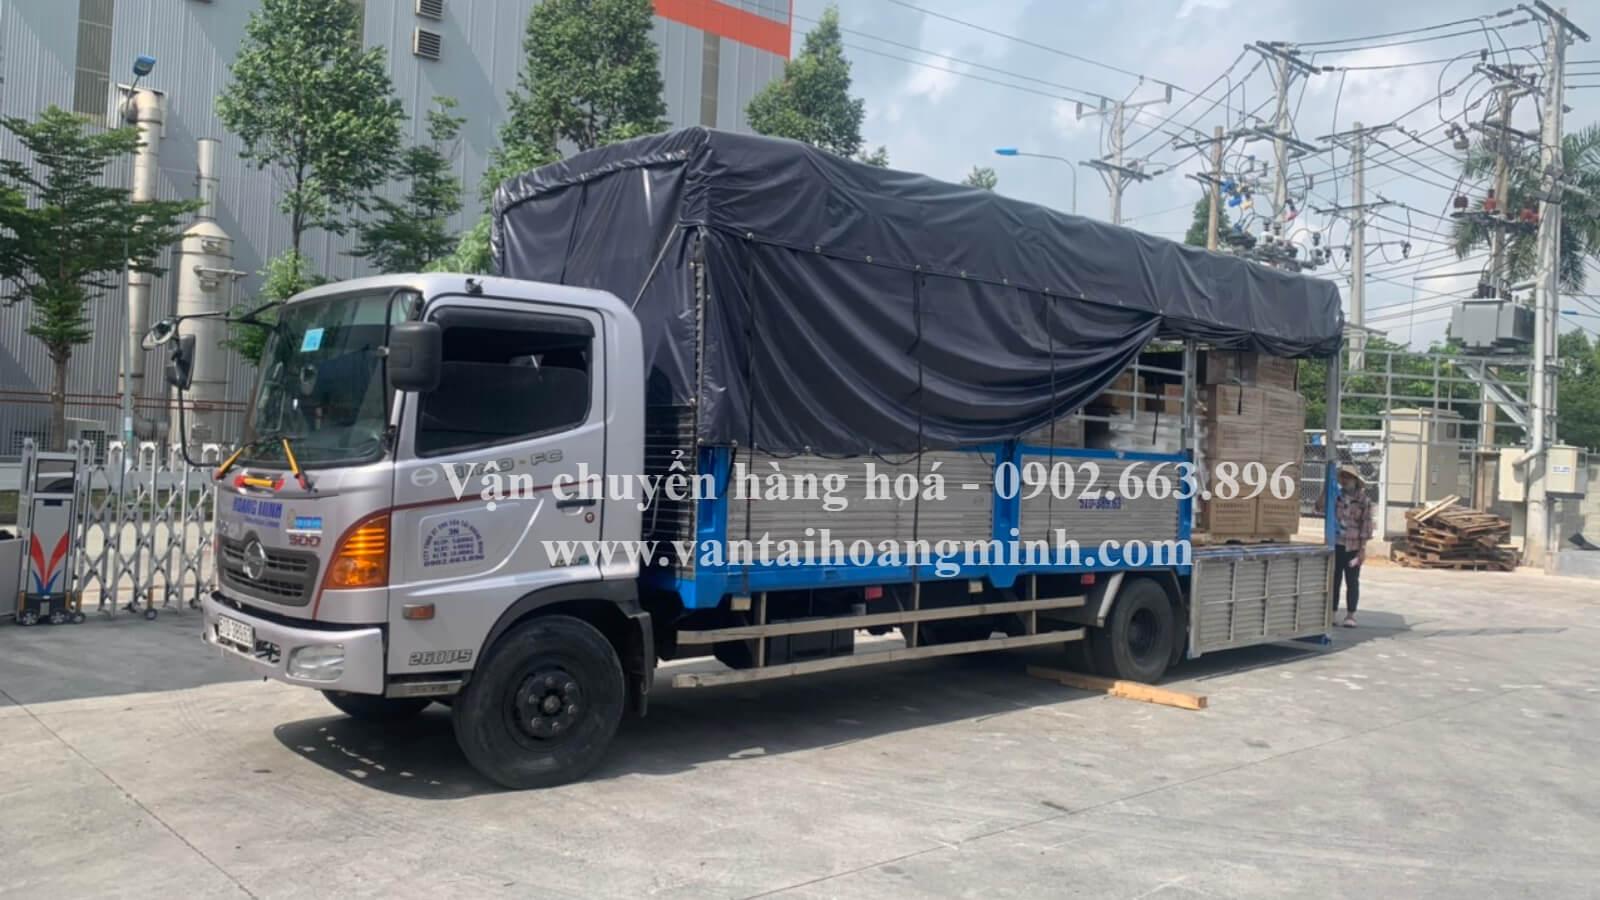 xe tải vận chuyển hàng hoá